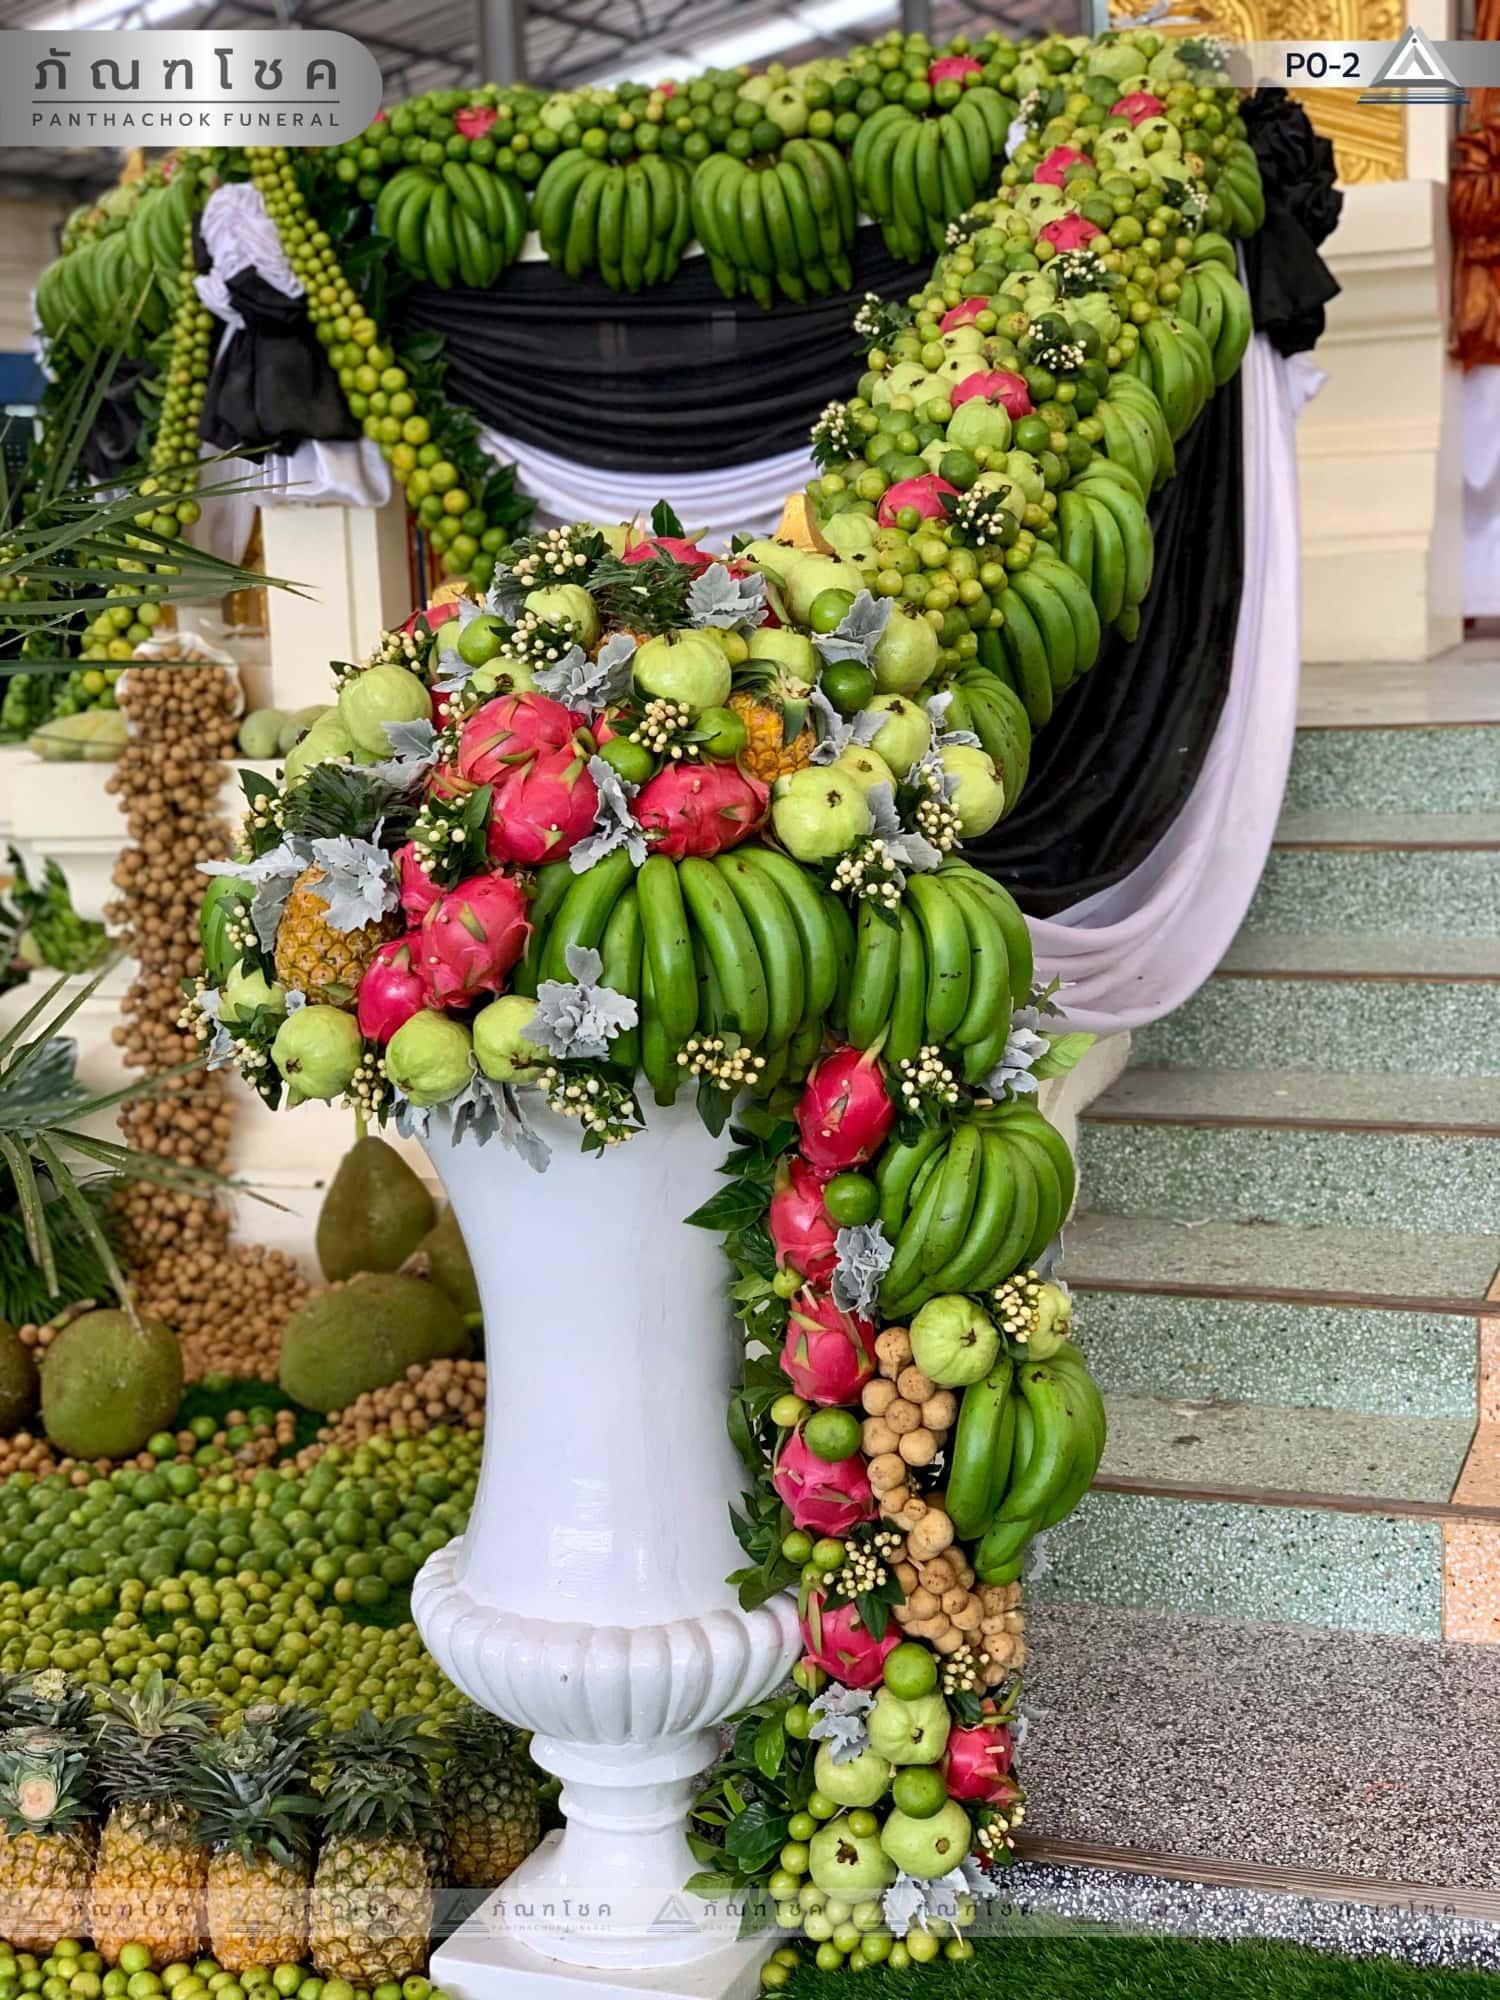 ดอกไม้ประดับเมรุ ชุด P0-2 125